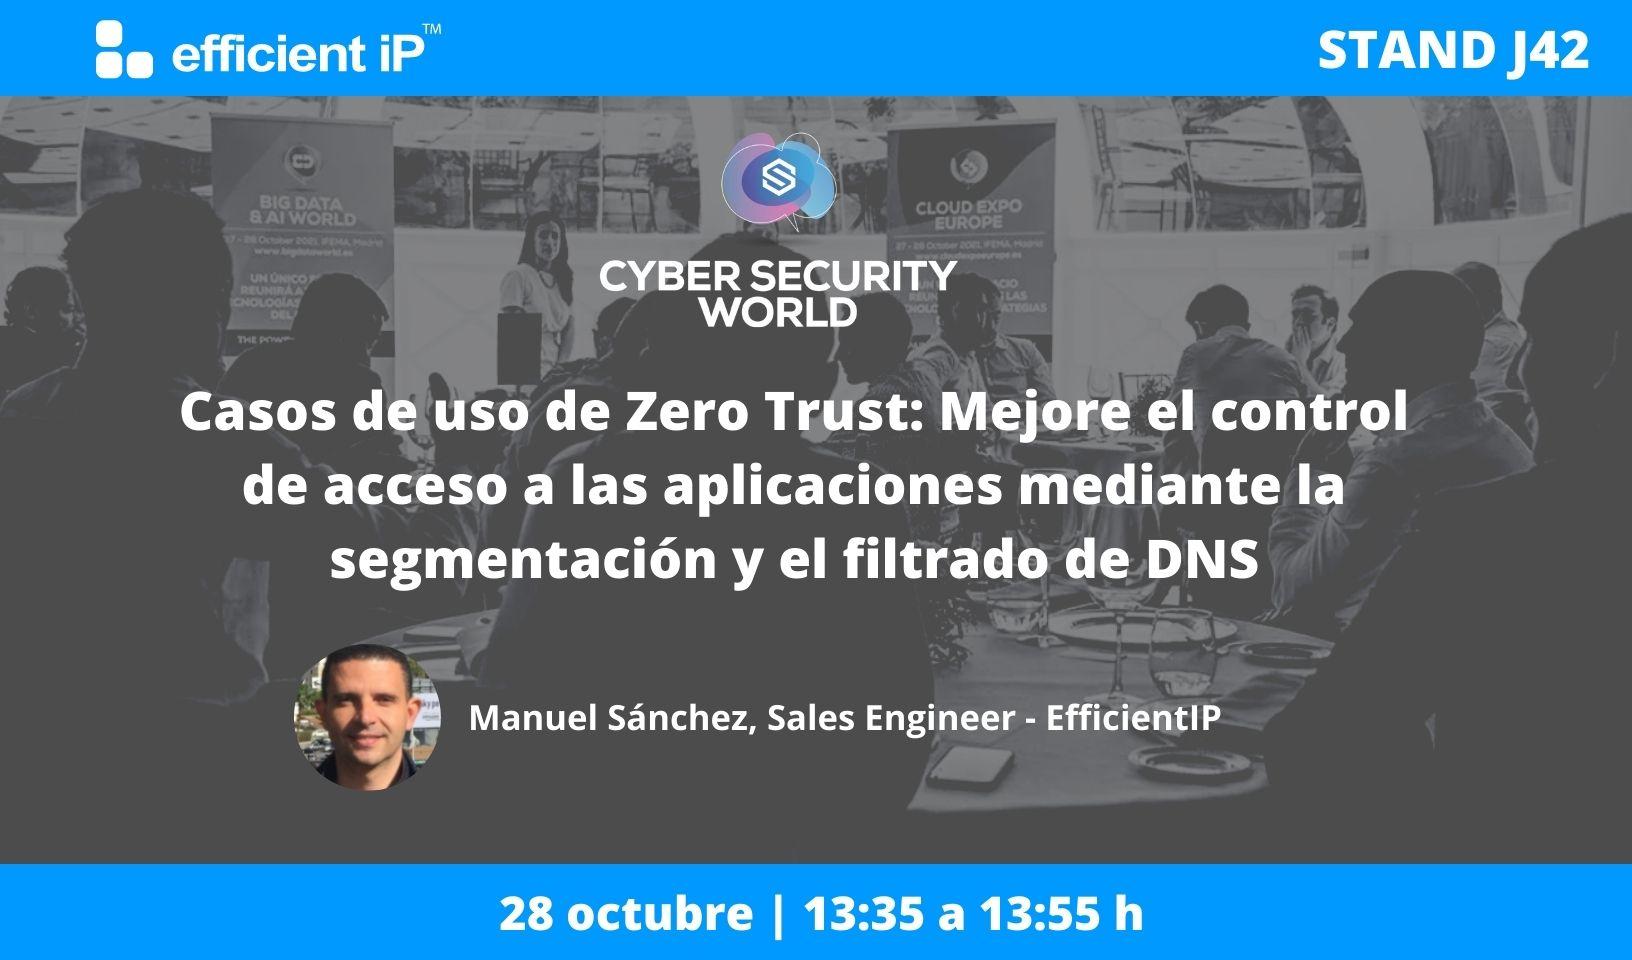 Casos de uso de Zero Trust: Mejore el control de acceso a las aplicaciones mediante la segmentación y el filtrado de DNS